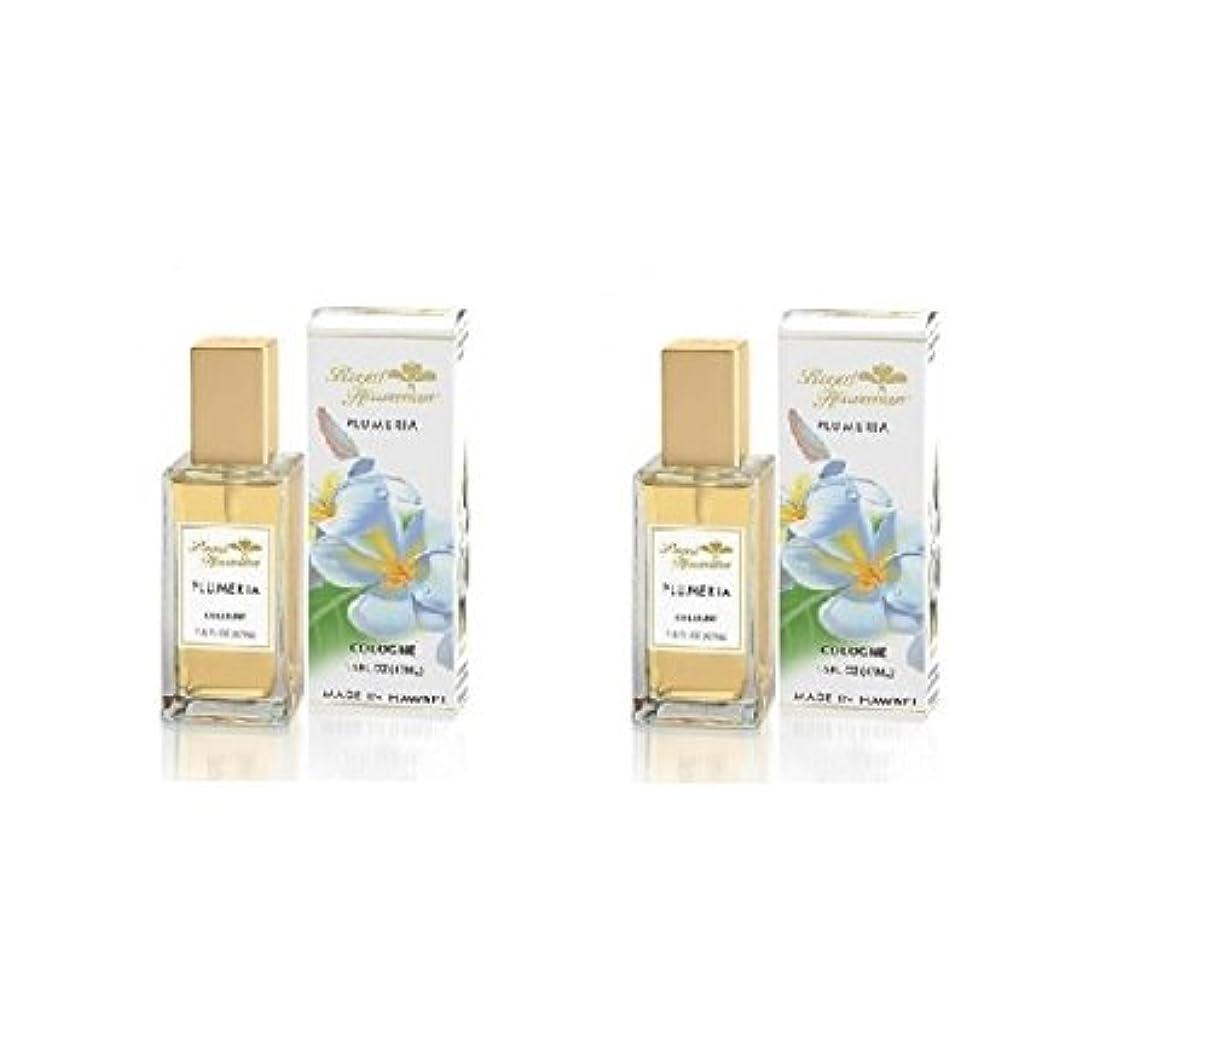 財布解決する雪だるま〈海外直送品〉ロイヤルハワイアン プルメリア香水(コロン)2本 ギフトラップ